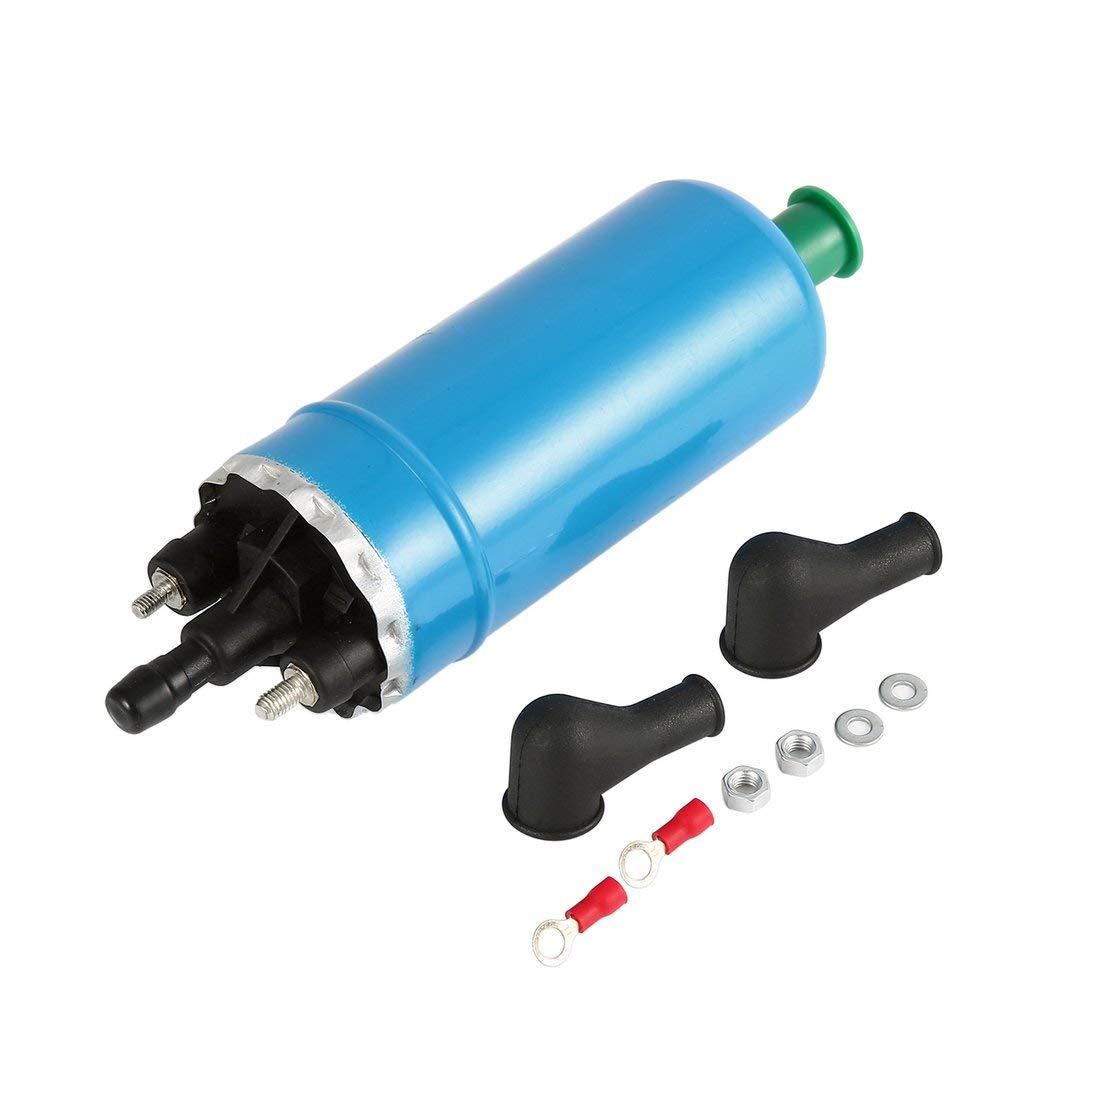 Gwendoll Pompes à Carburant de Rechange externes en Ligne Professionnelles Pompe à Carburant inclinée par Injection de Carburant pour Reynolds 0580464038 0580464070